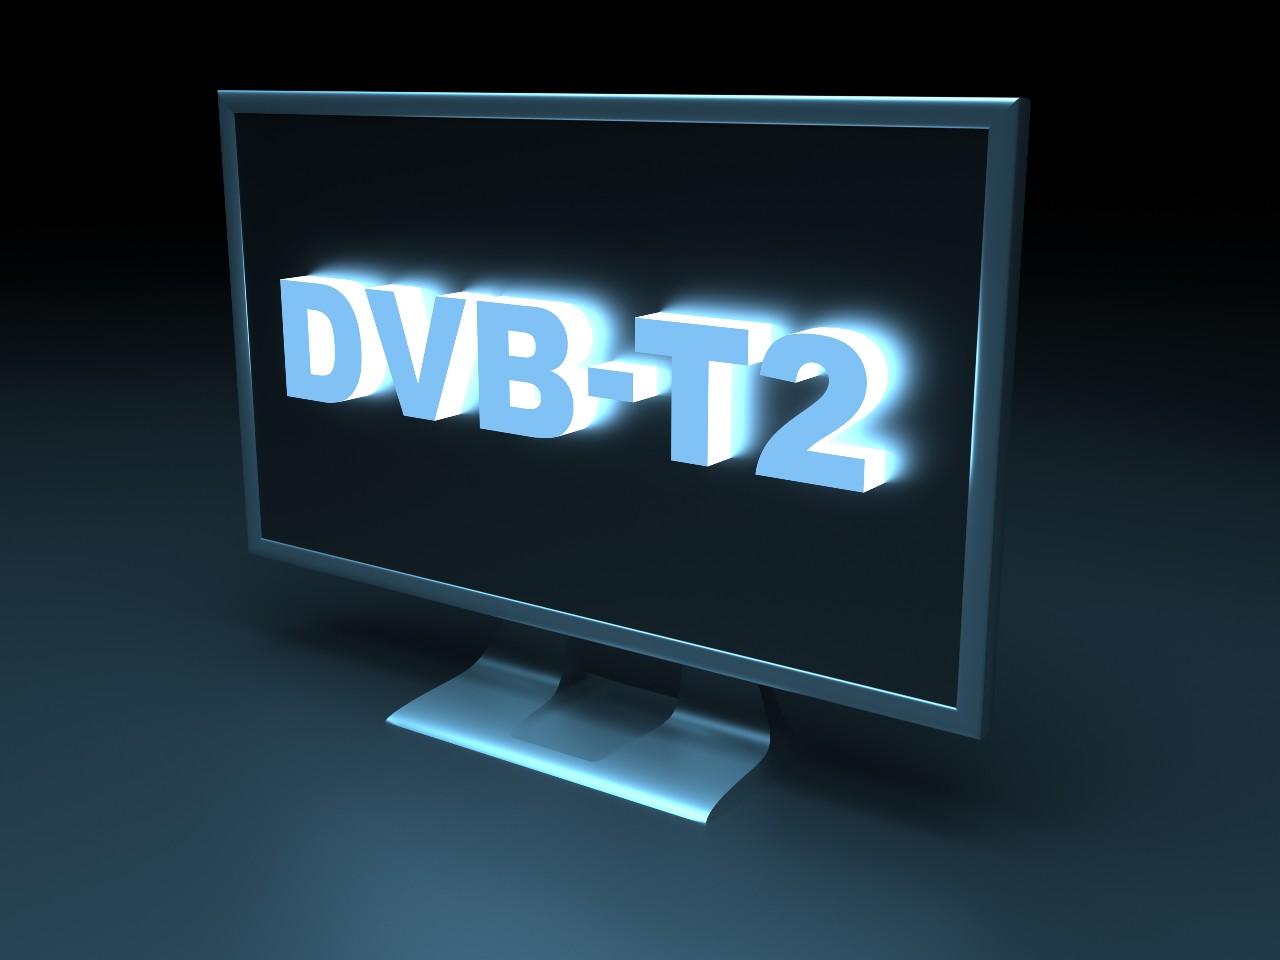 Digitale Terrestre, a settembre il passaggio all'MPEG-4 (Adobe Stock)